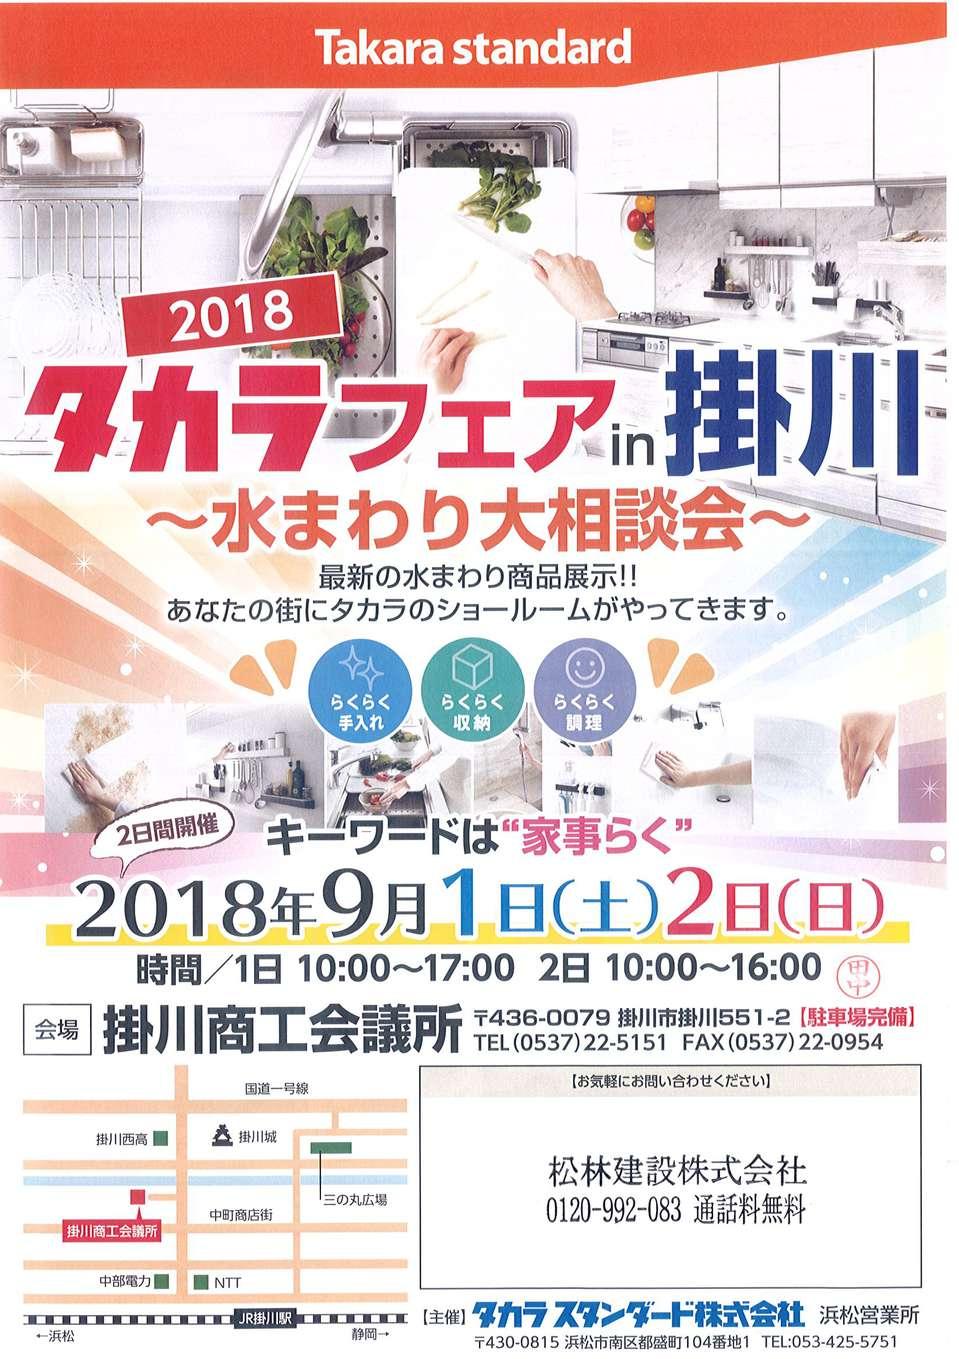 takara2018 (1).jpg